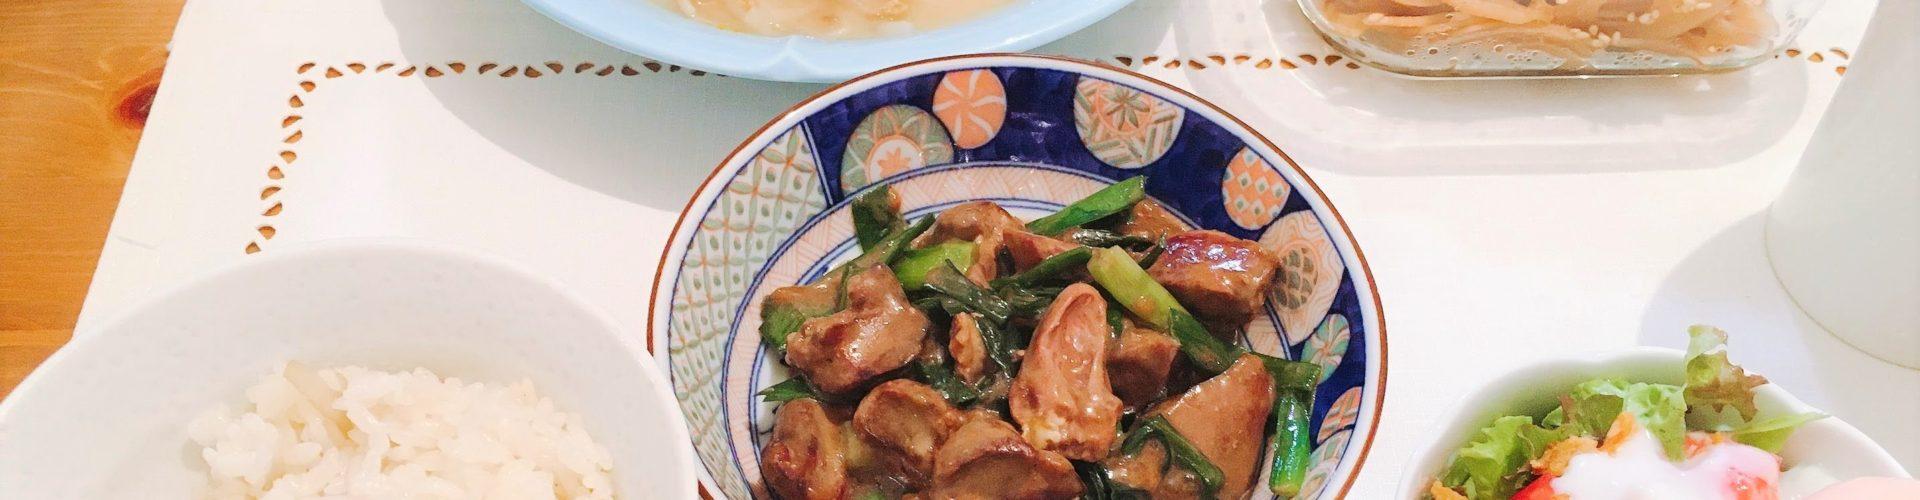 料理「レバニラ炒め&温玉サラダ」